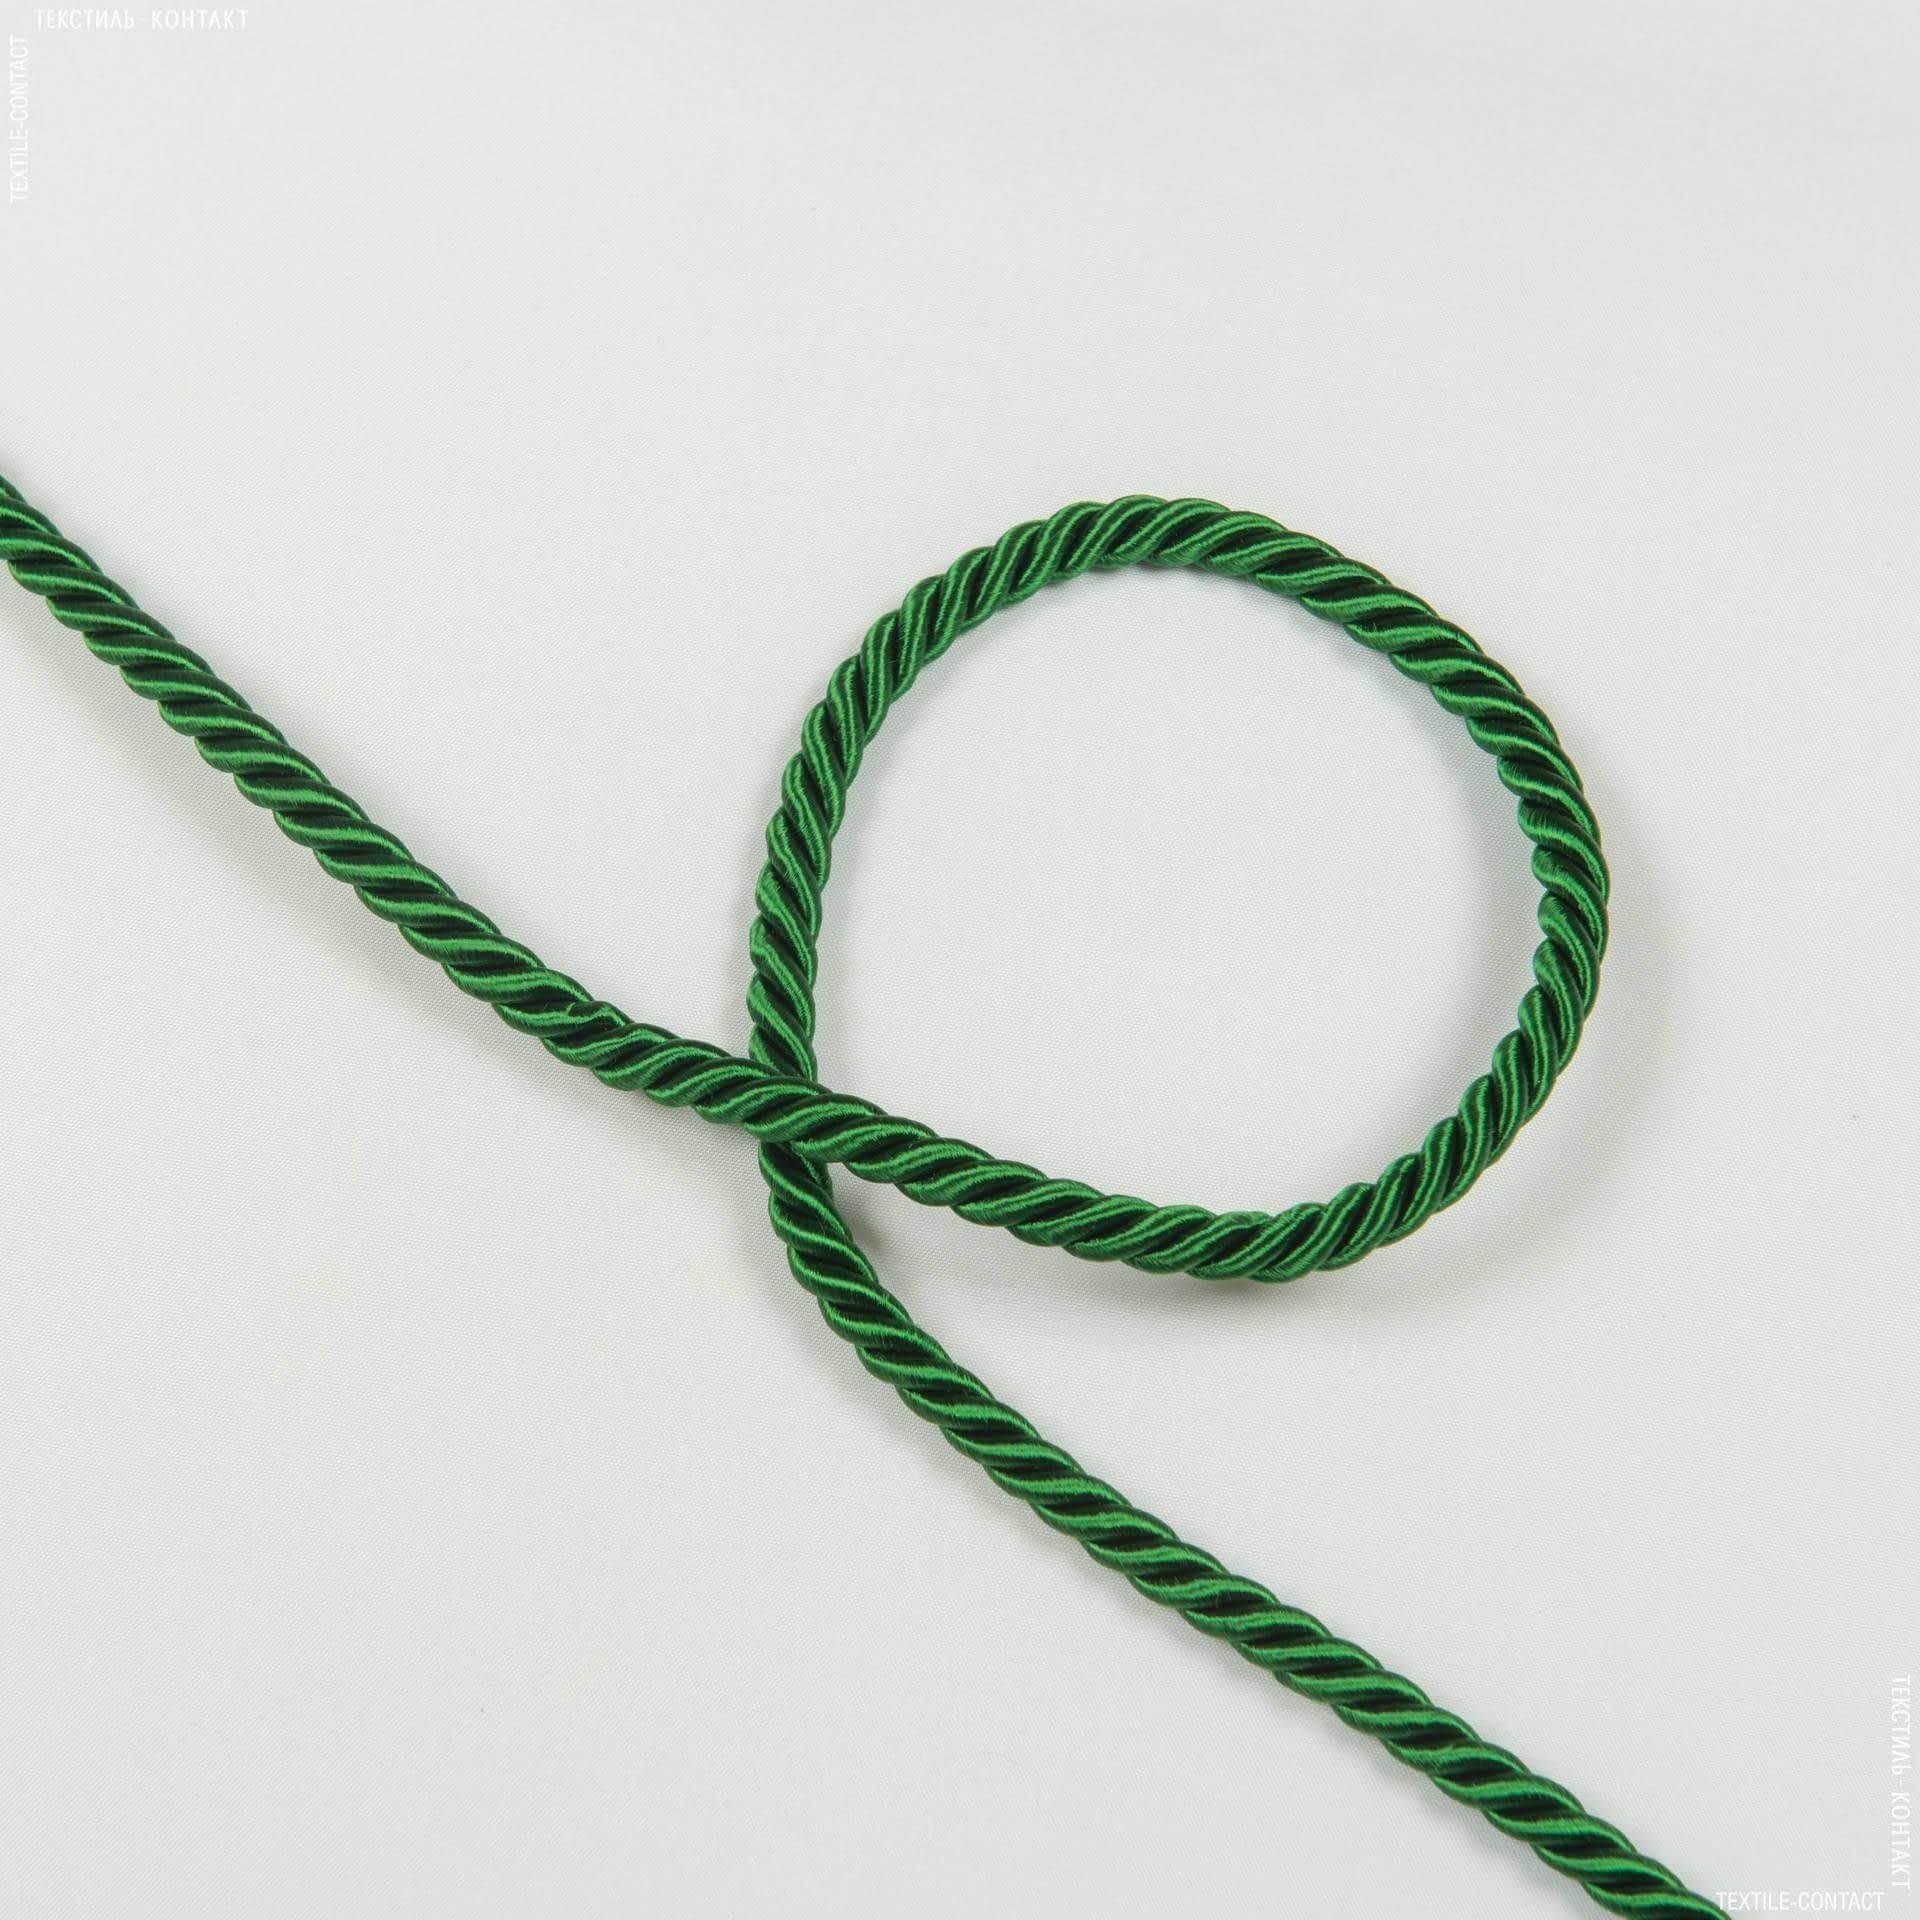 Ткани фурнитура для декора - Шнур Верона, зелень